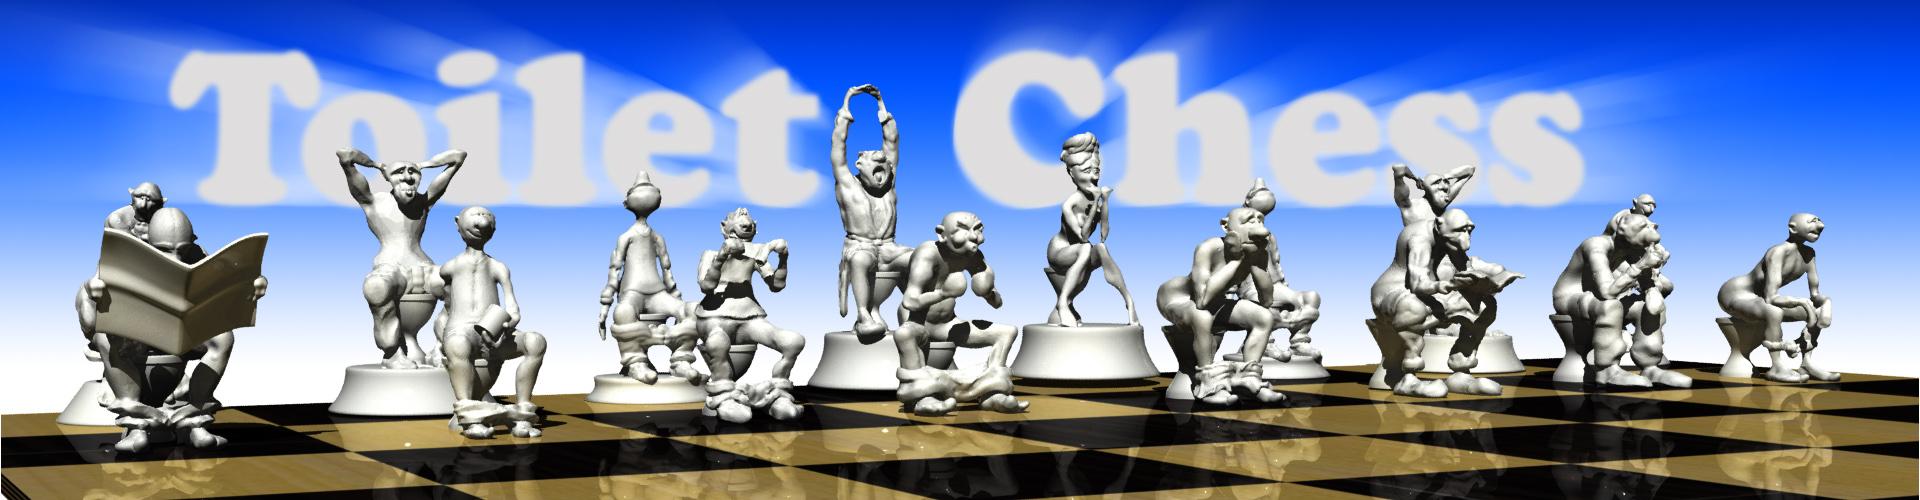 Kai-Bracher-Toilet-Chess-.jpg